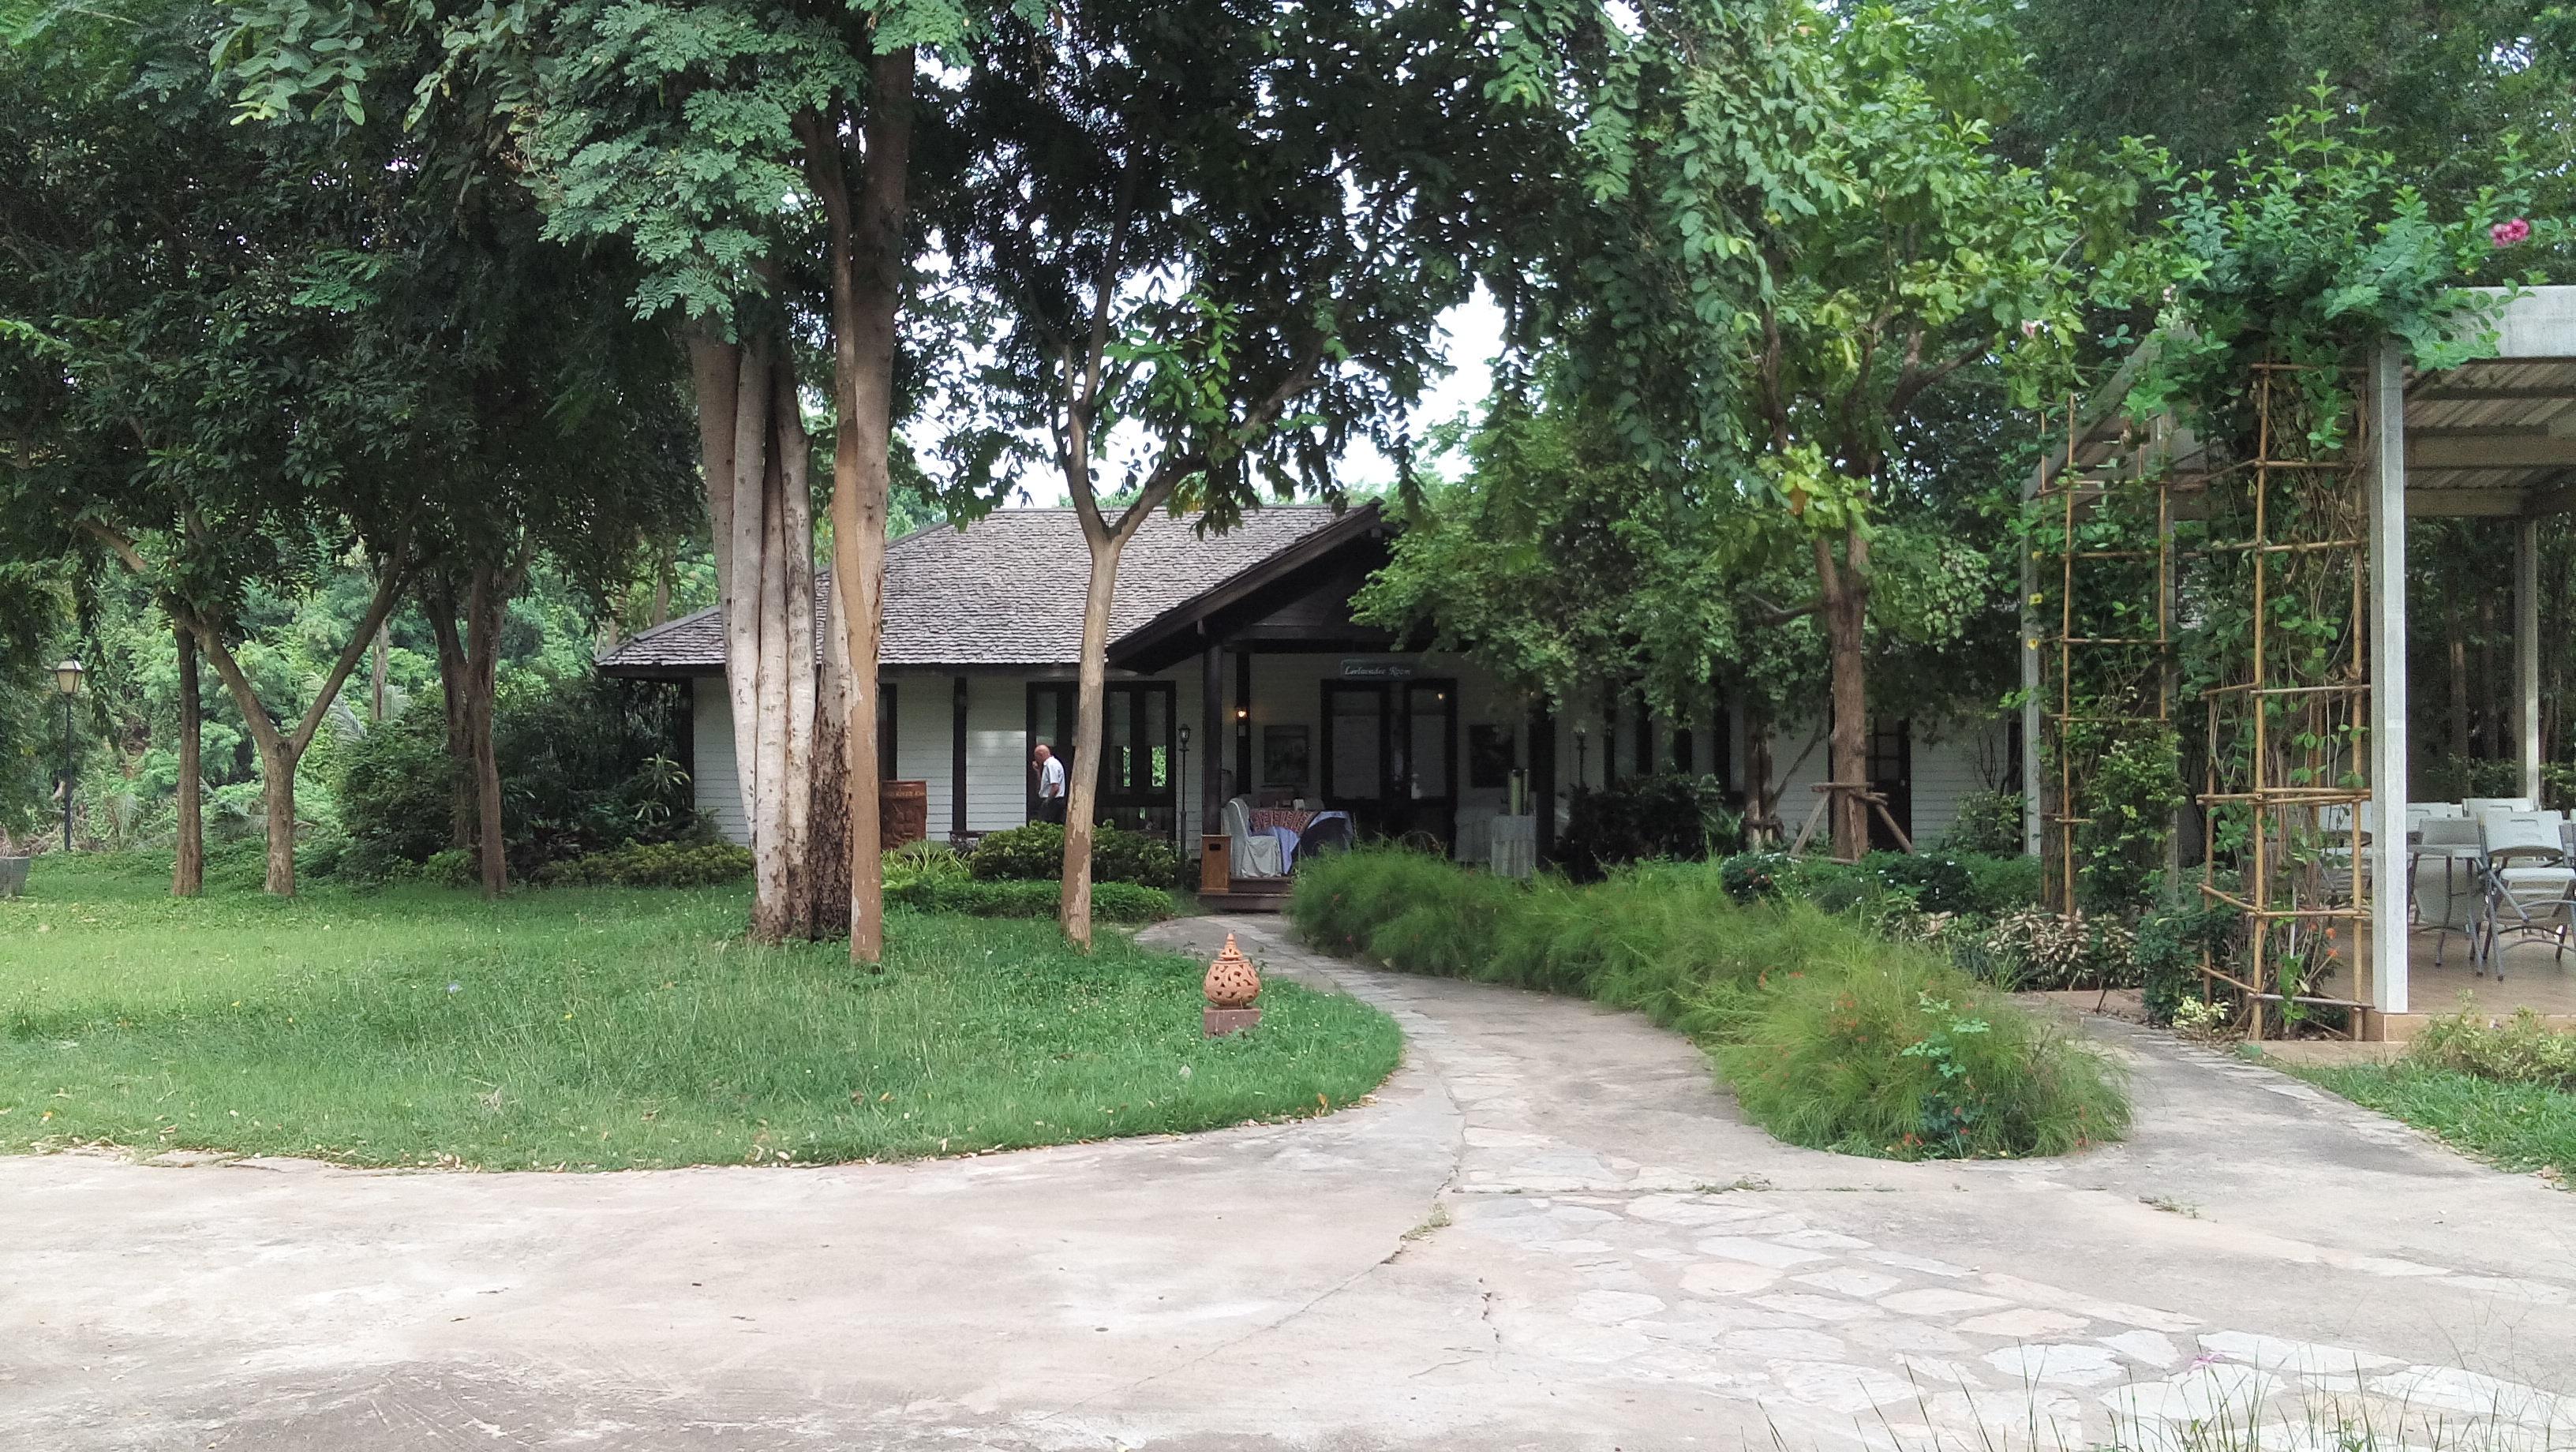 Our training quarters